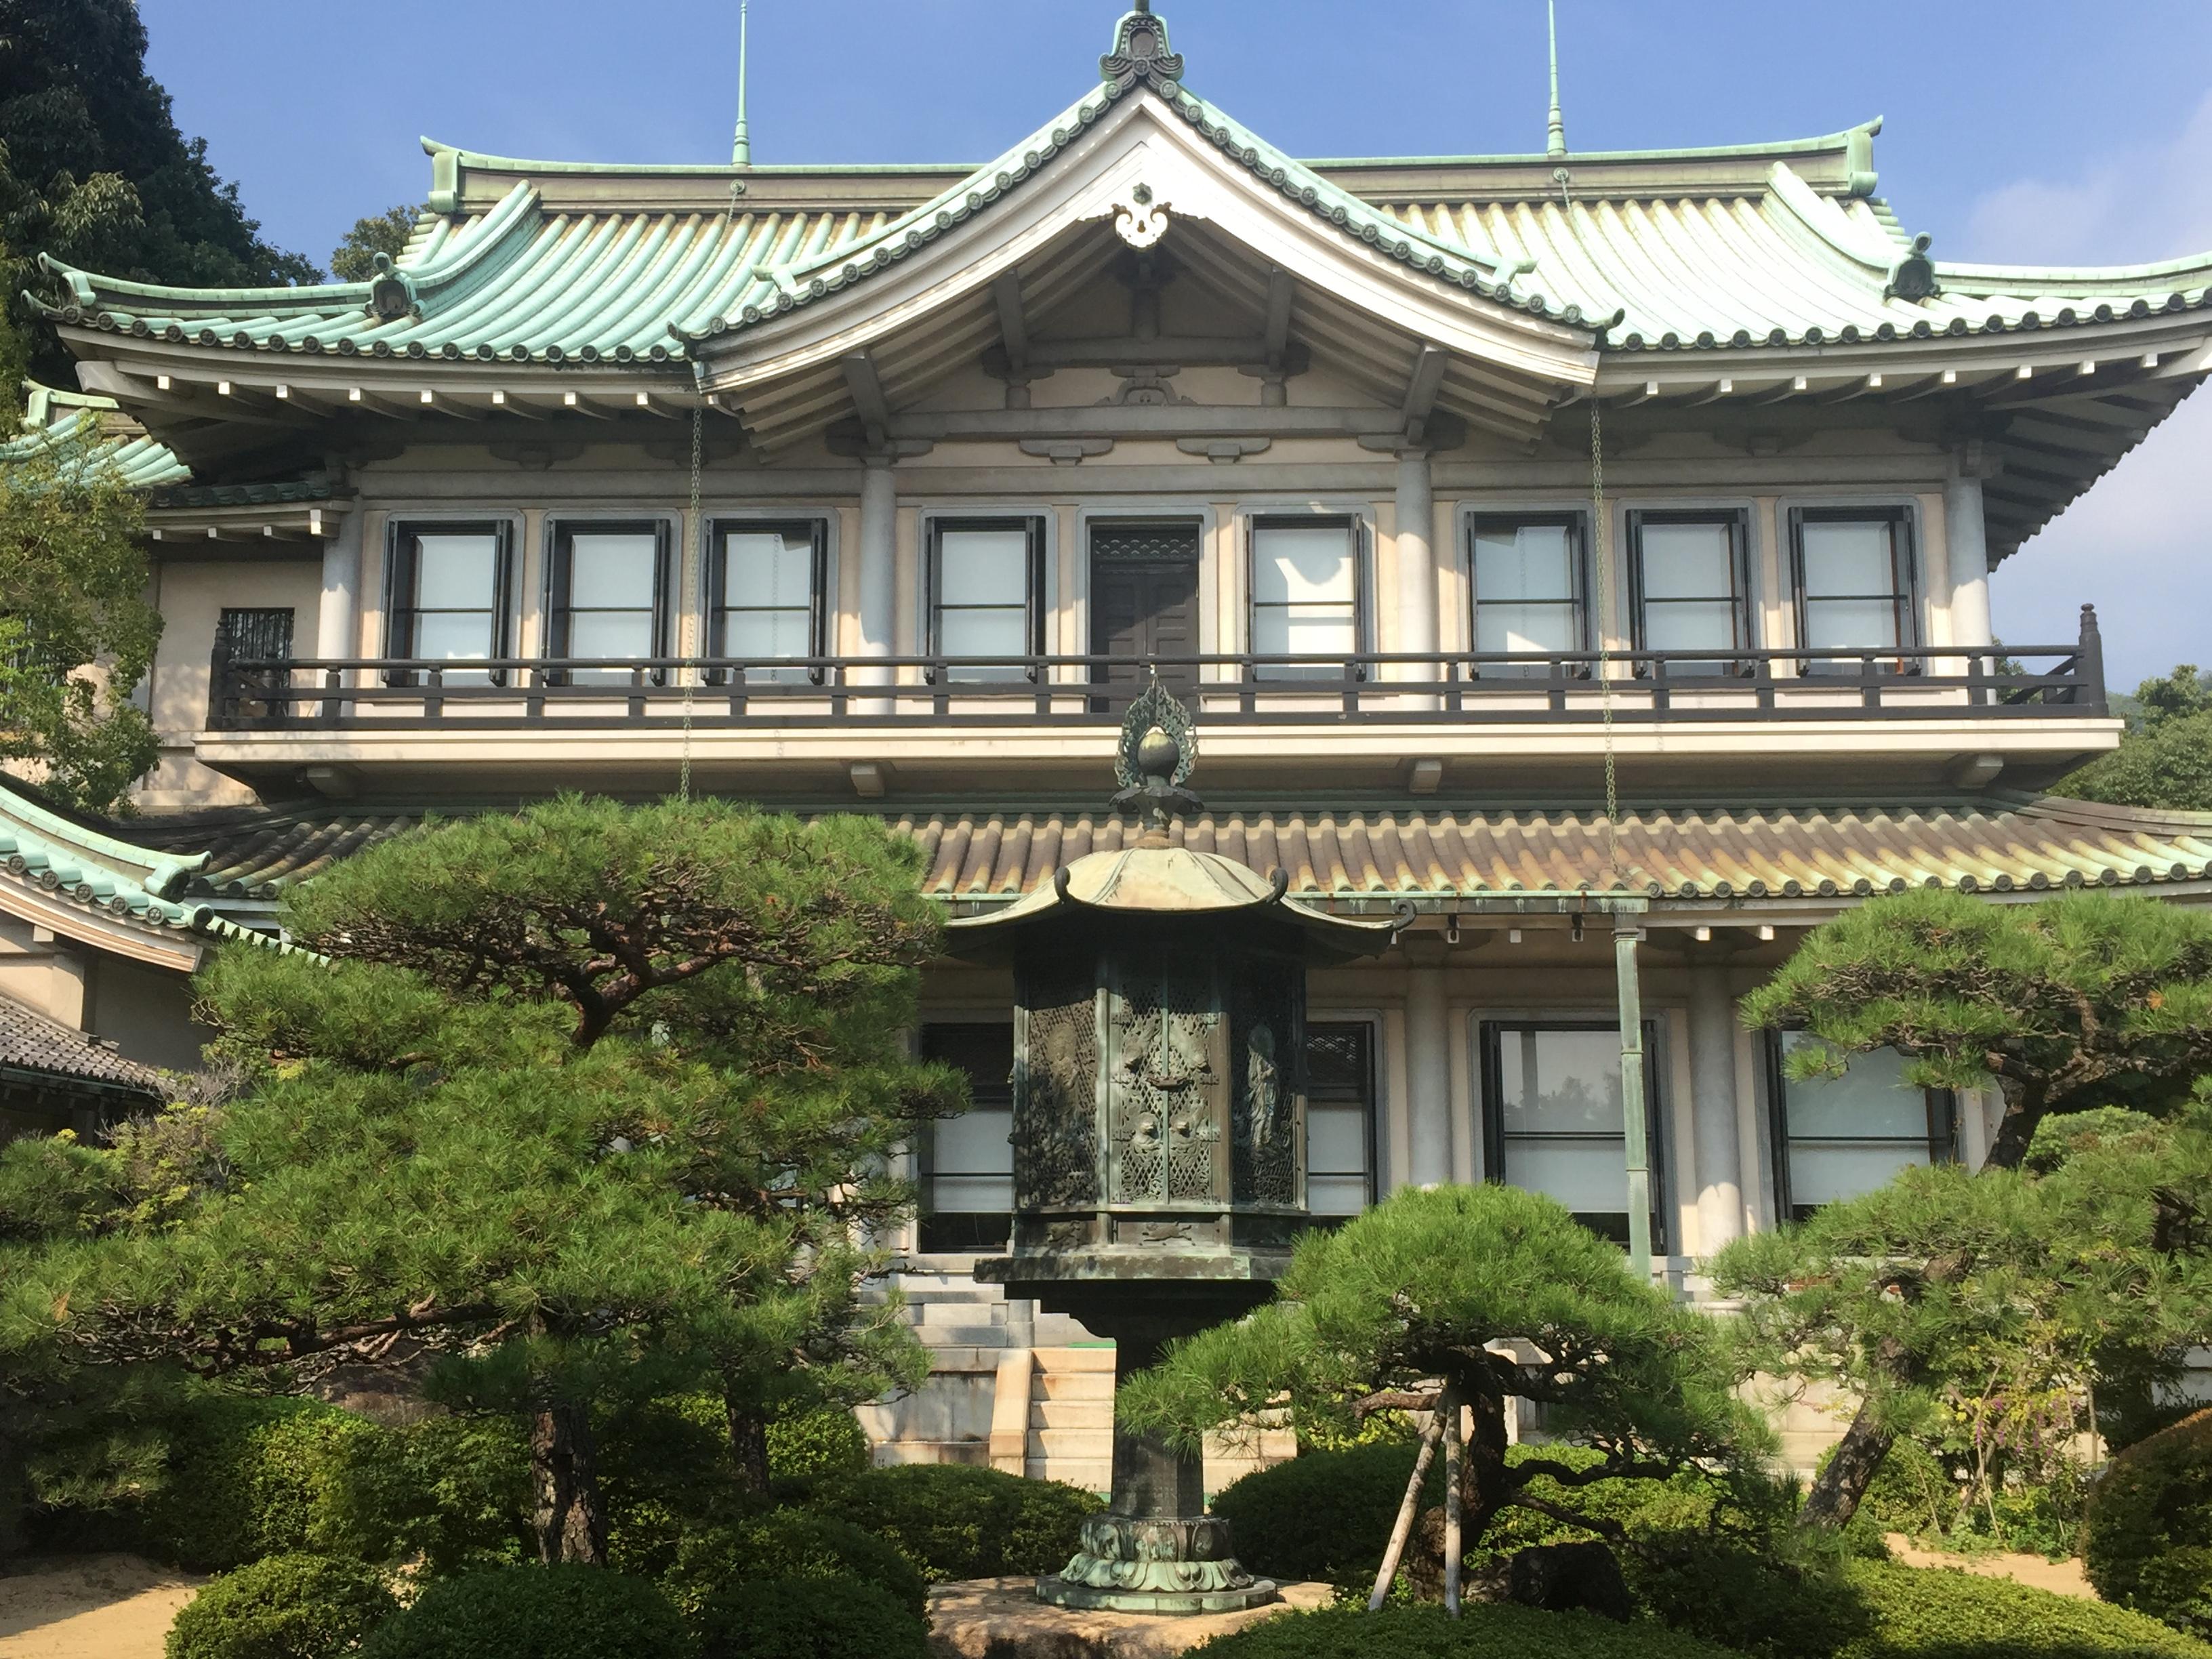 神戸東灘アートマンスにちなんで「白鶴美術館」を見学!近代建築と庭園はフォトジェニックな世界だよ #白鶴美術館 #神戸東灘アートマンス #近代建築